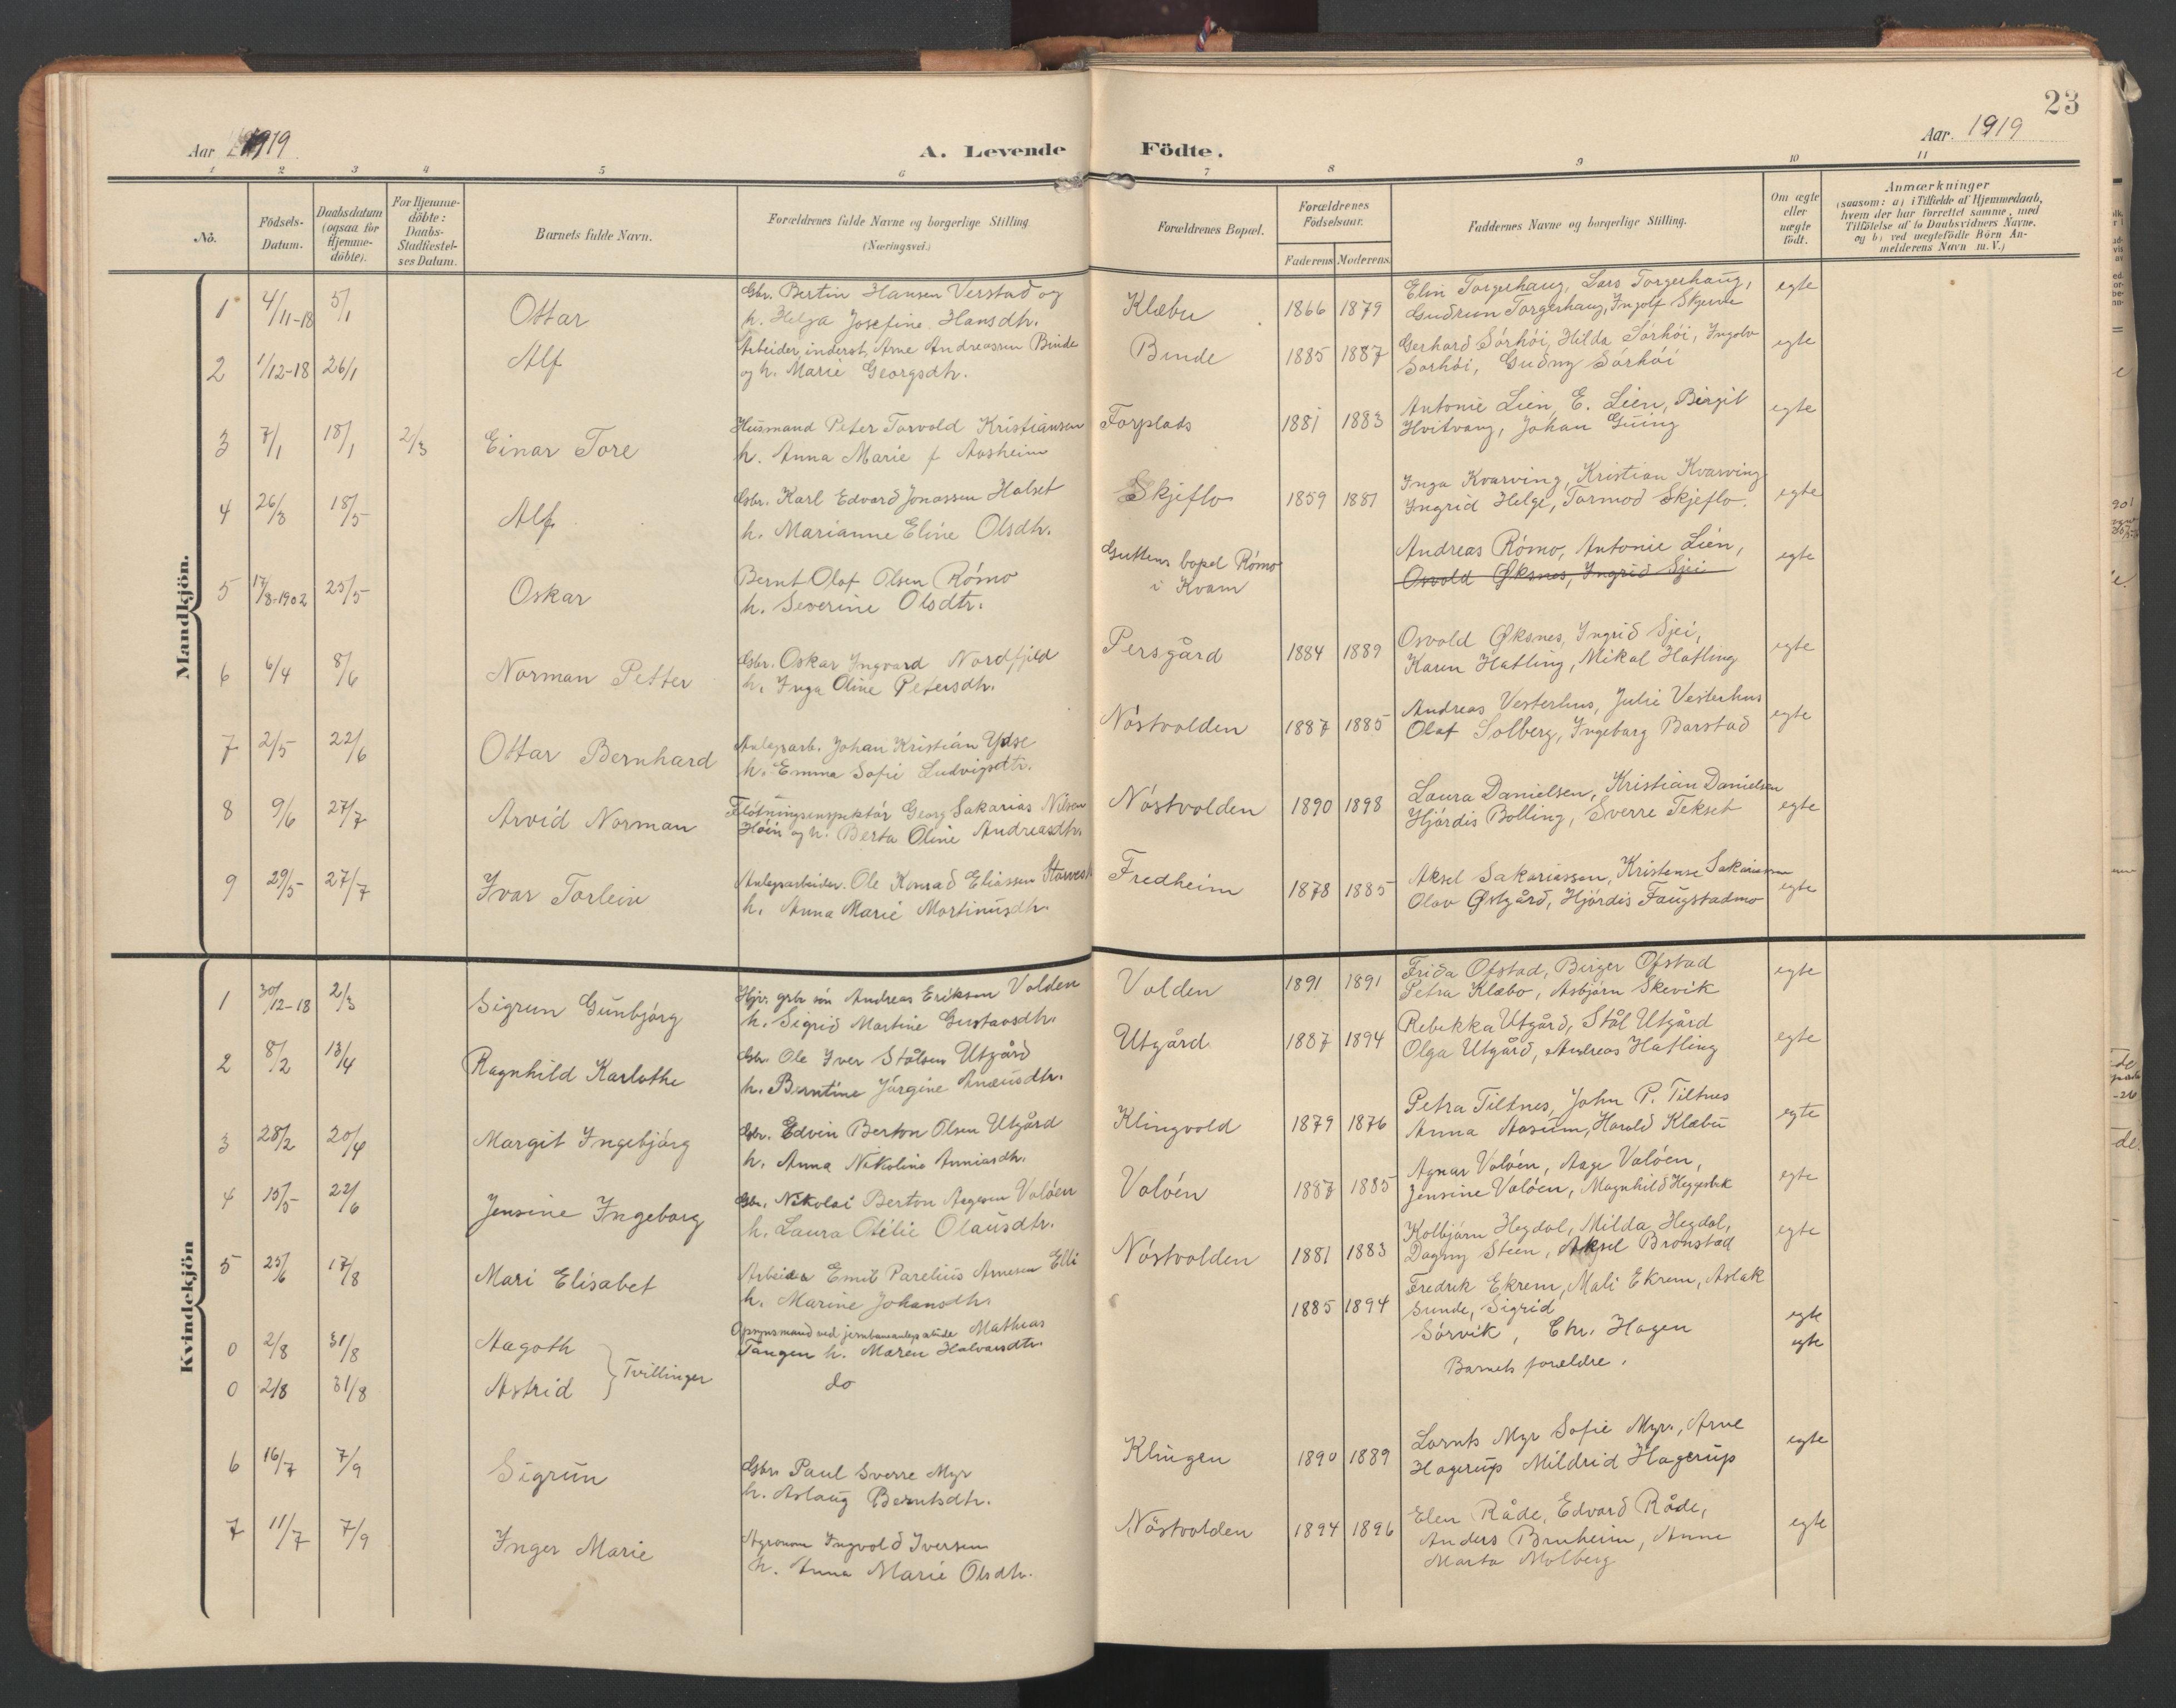 SAT, Ministerialprotokoller, klokkerbøker og fødselsregistre - Nord-Trøndelag, 746/L0455: Klokkerbok nr. 746C01, 1908-1933, s. 23